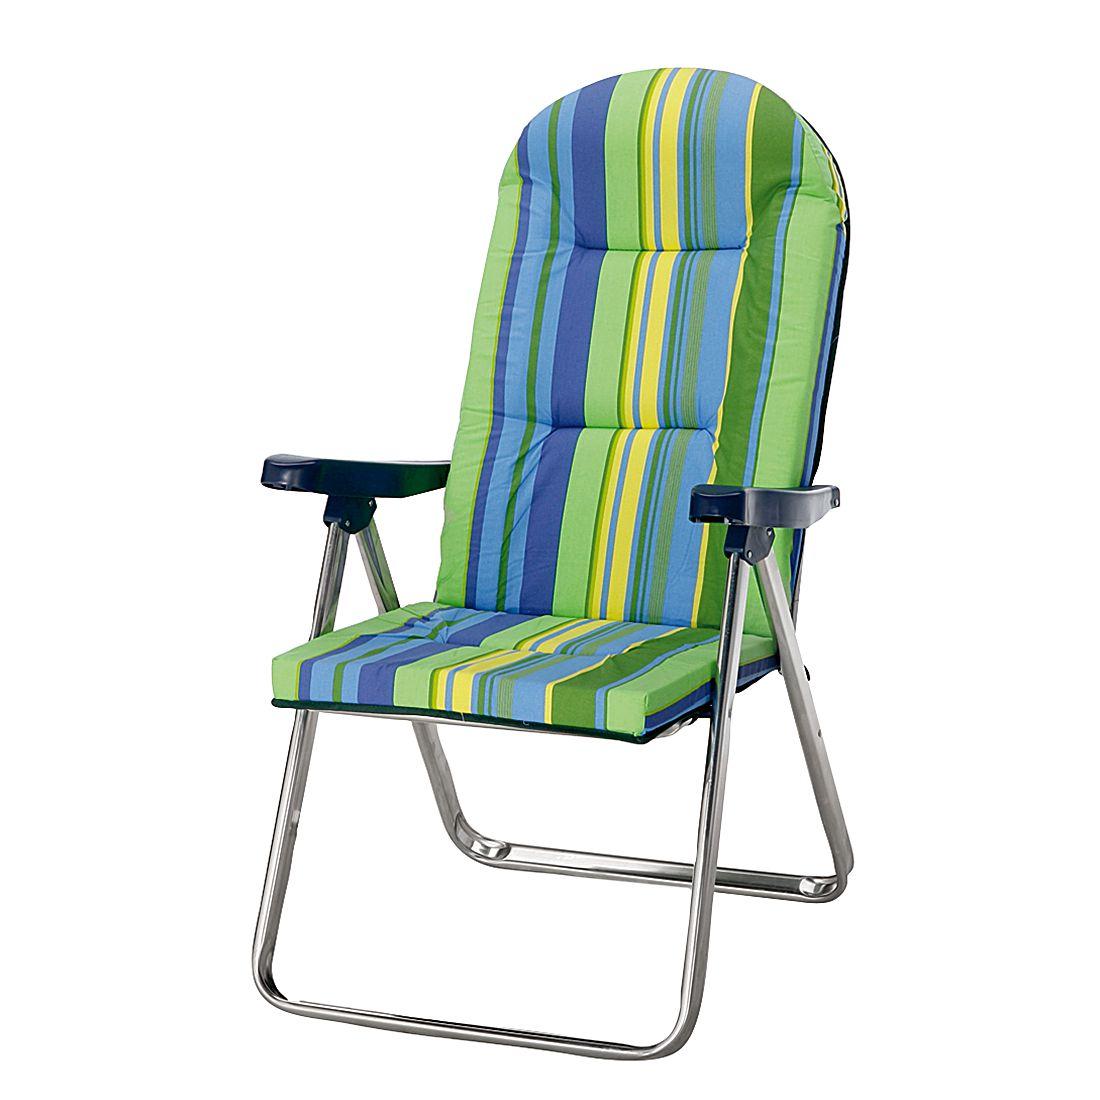 klappsessel nizza aluminium textil silber gr n blau best freizeitm bel m bel24. Black Bedroom Furniture Sets. Home Design Ideas